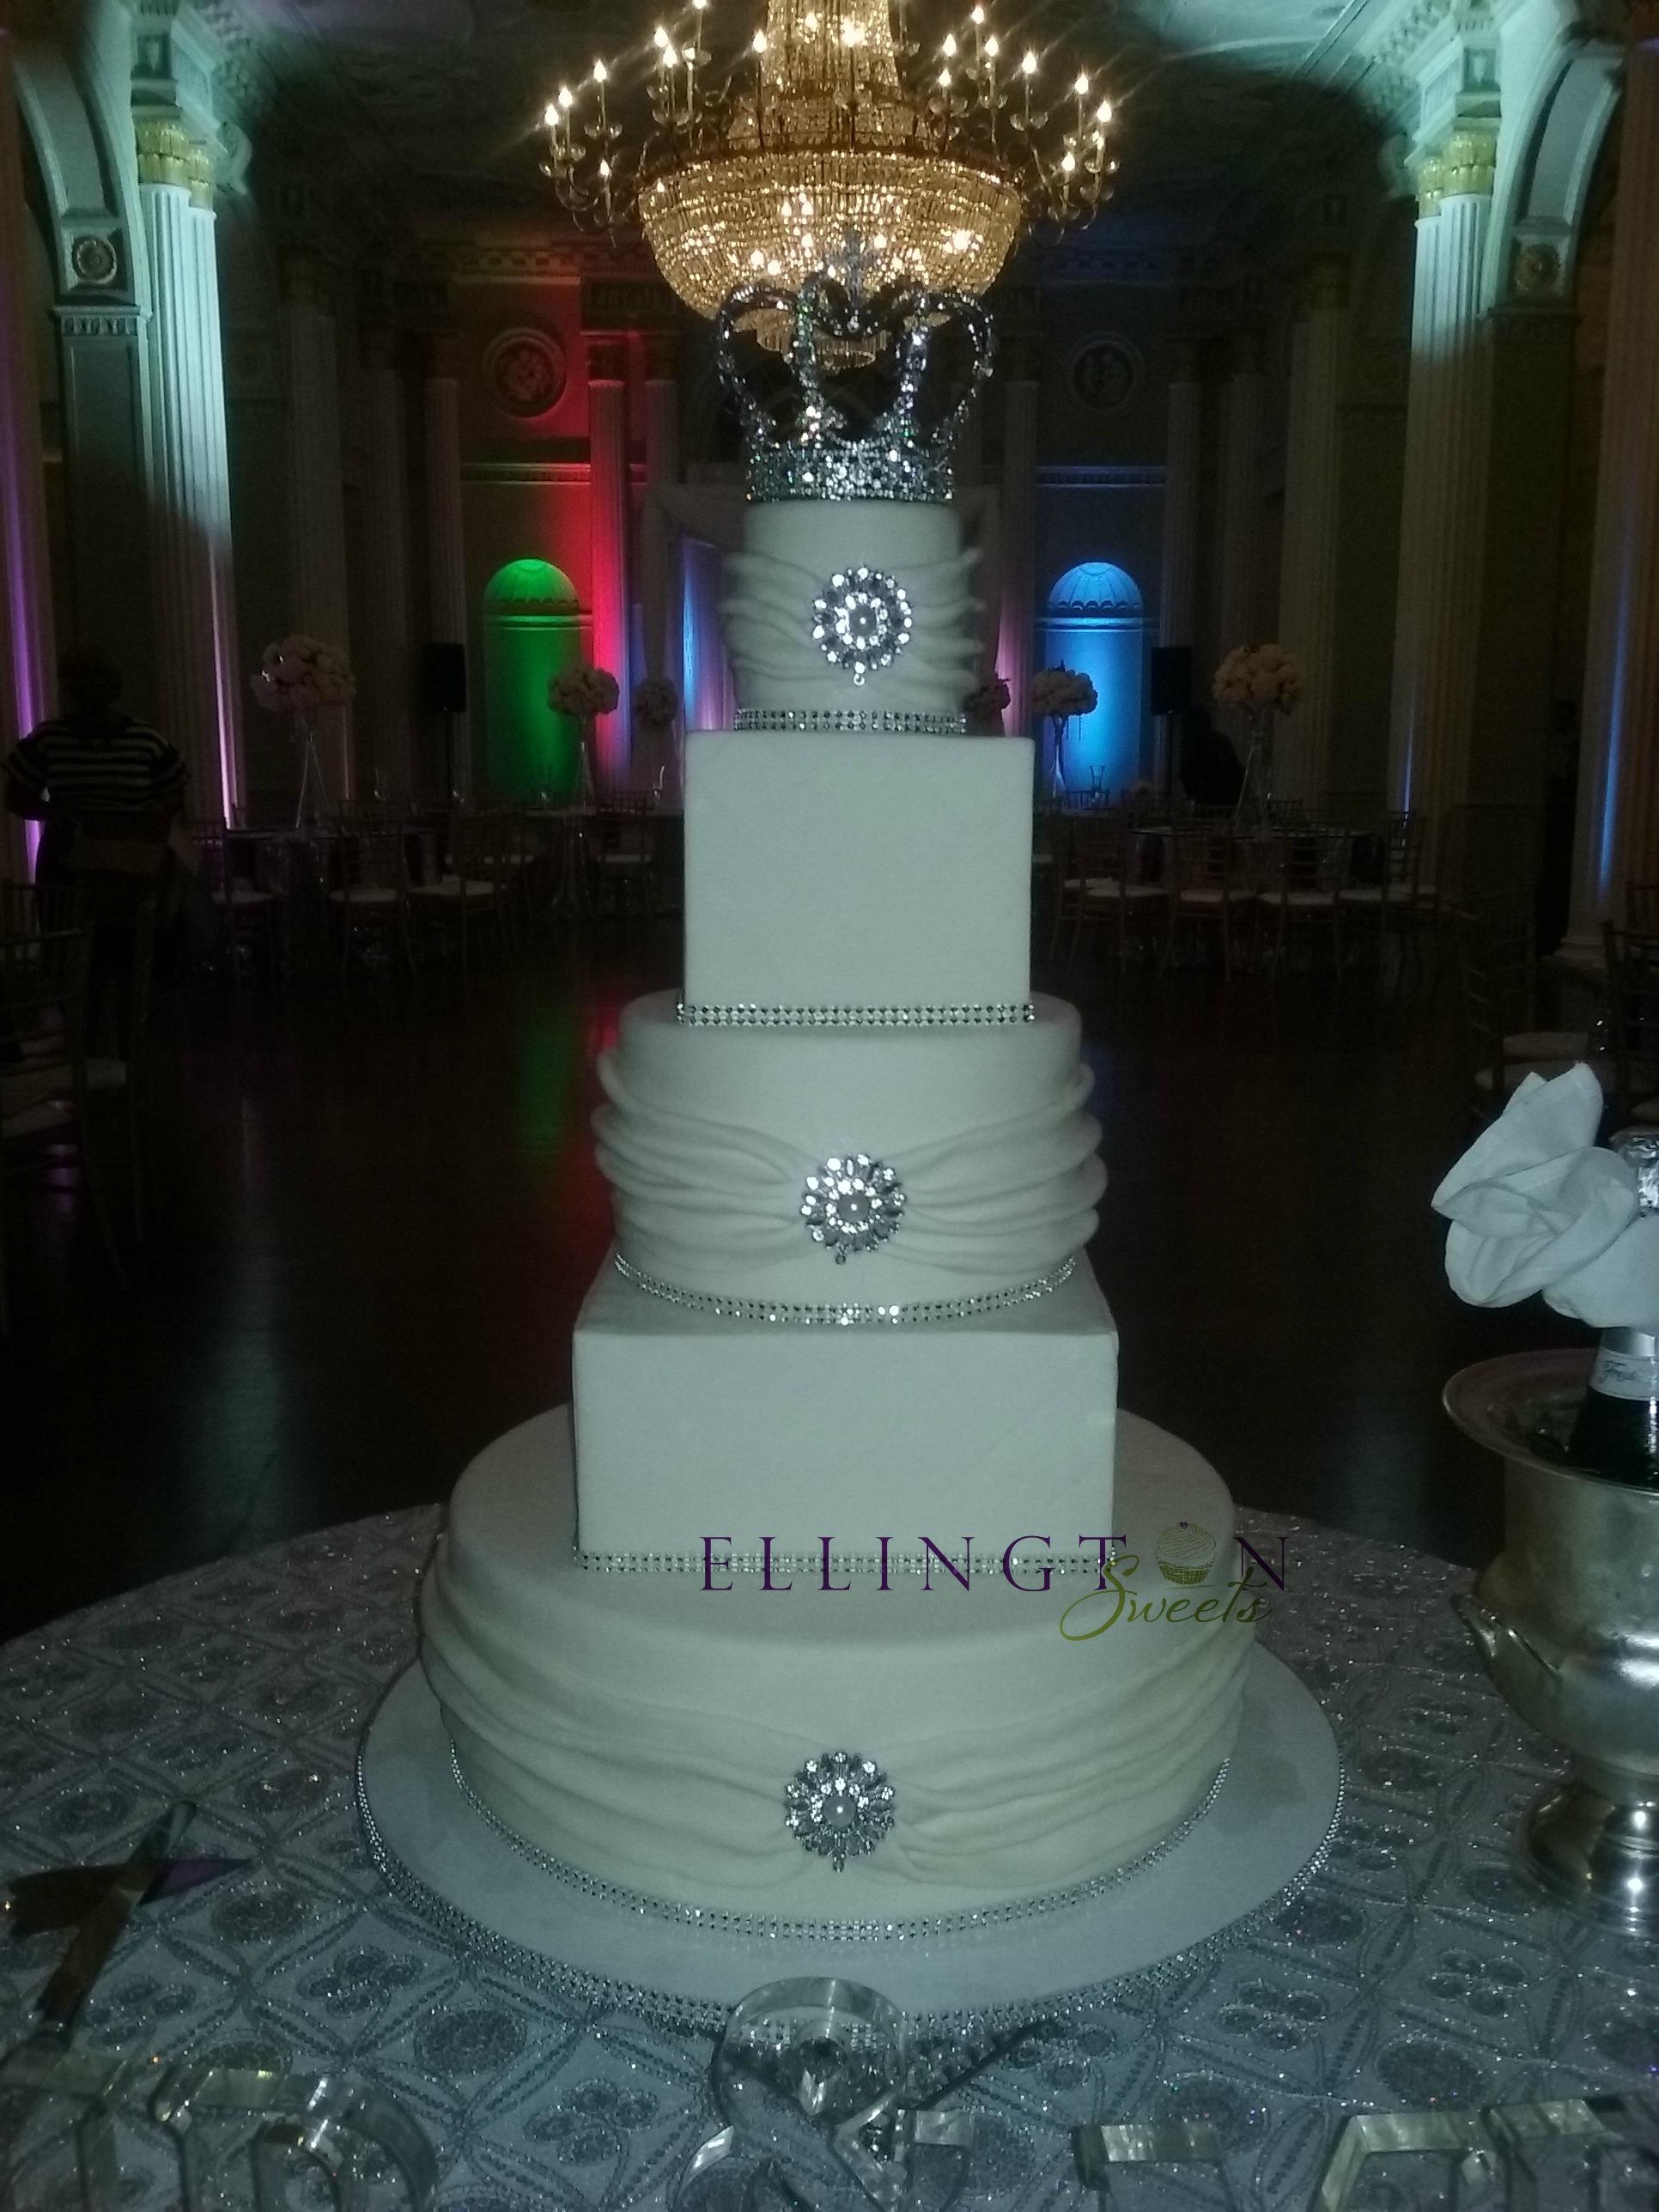 Benji - Cherry_s wedding cake.jpg